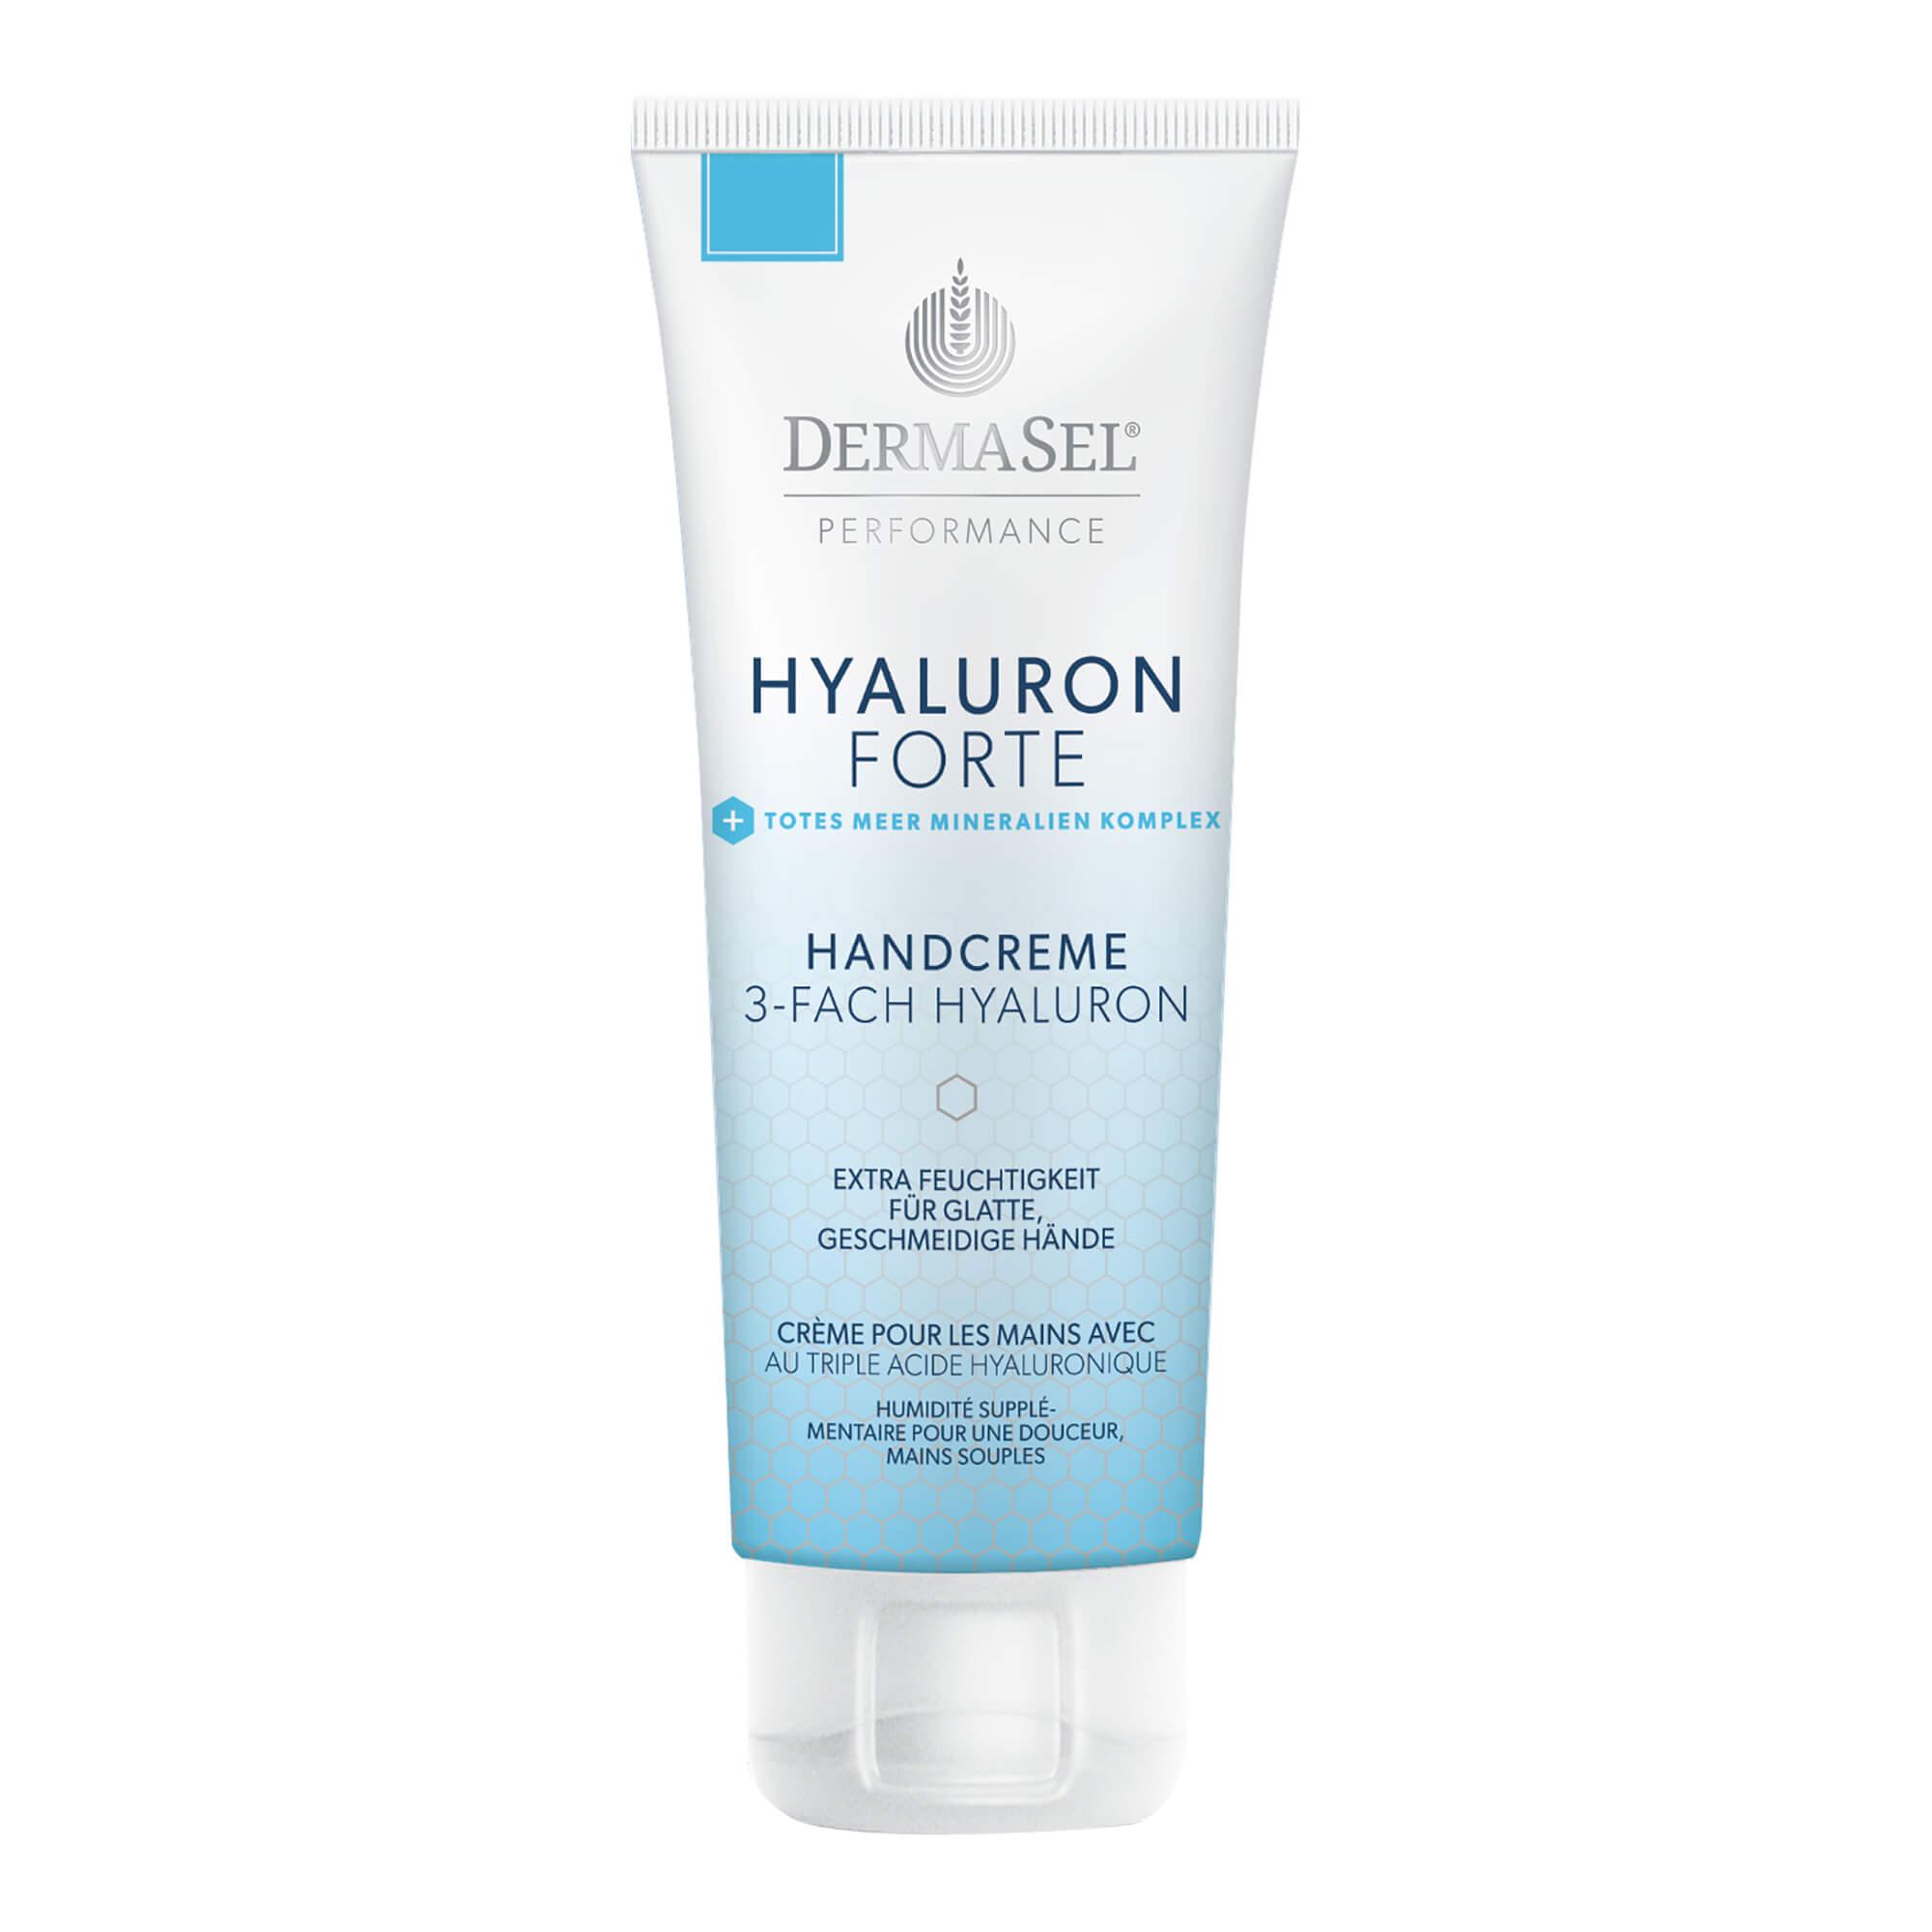 DermaSel Hyaluron Forte Handcreme